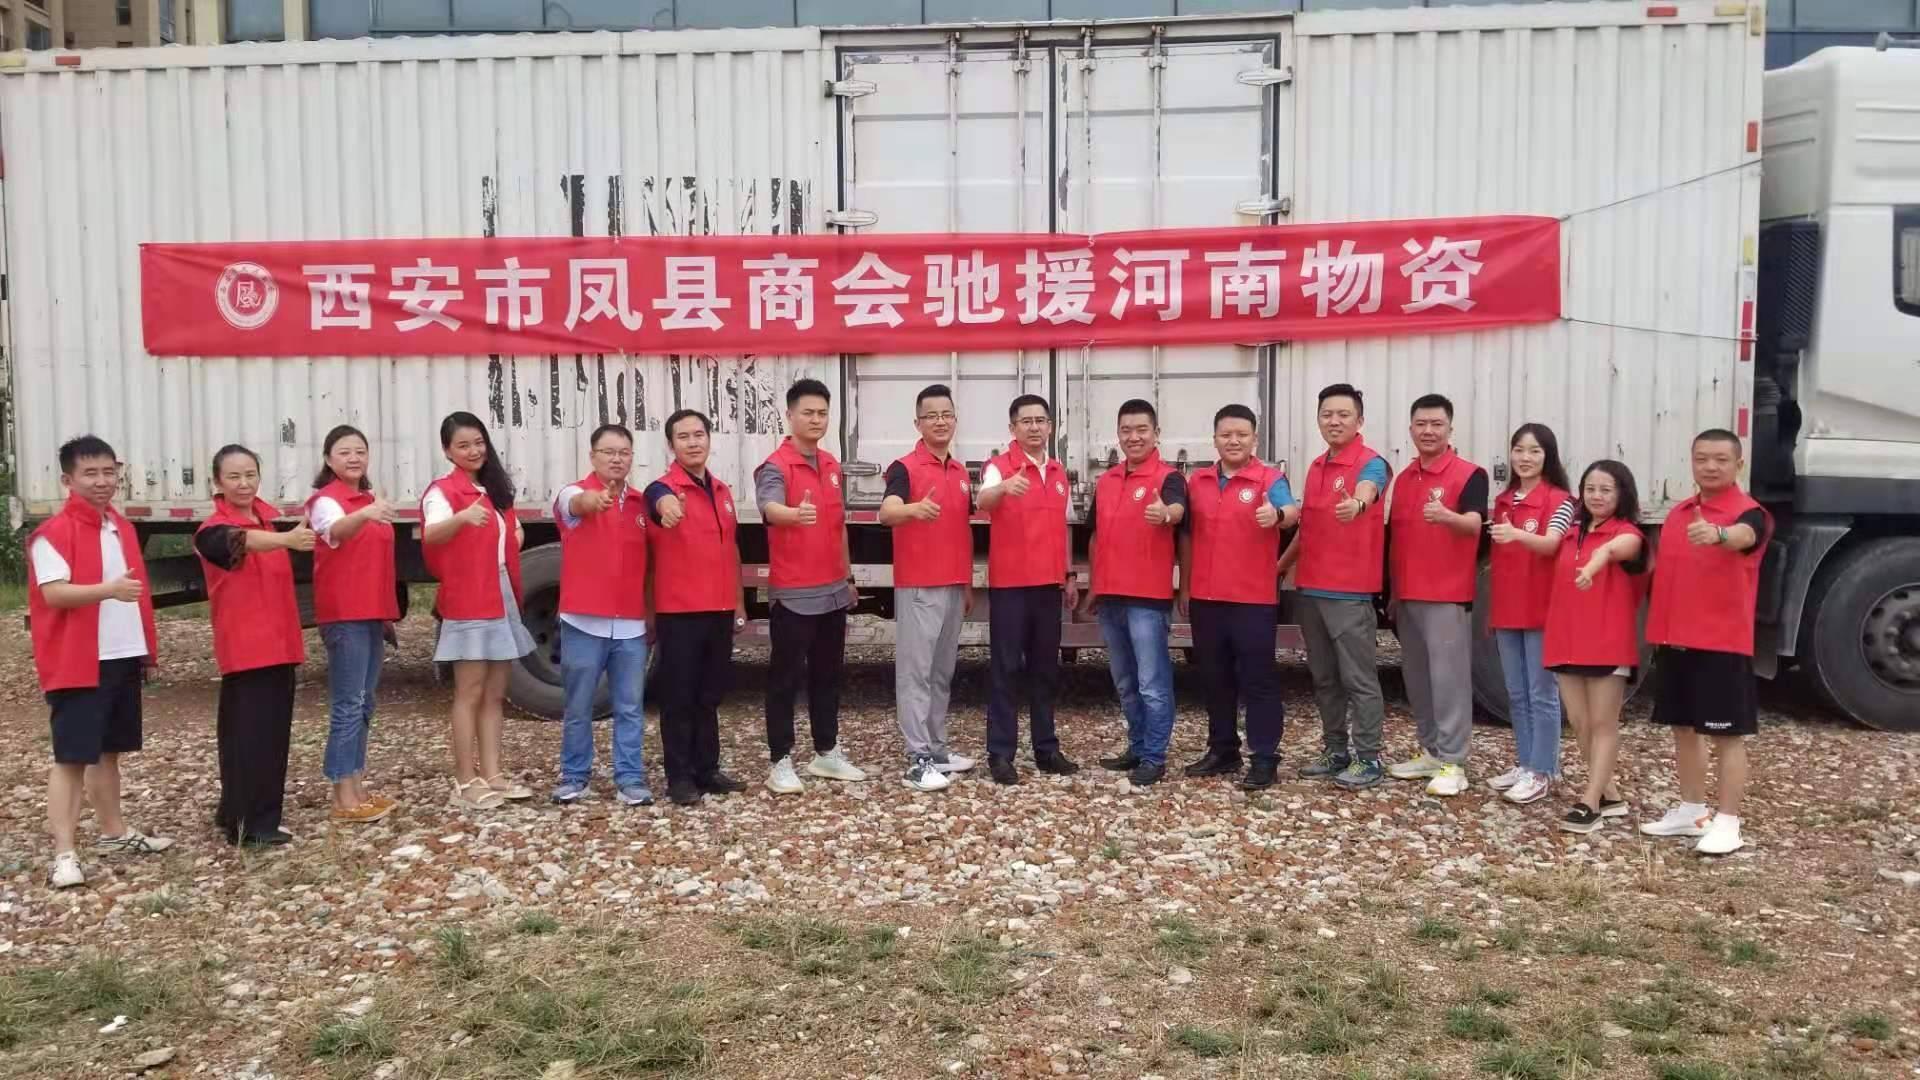 """西安市凤县商会开展""""守望相助,驰援河南-捐款捐物献爱心""""活动"""